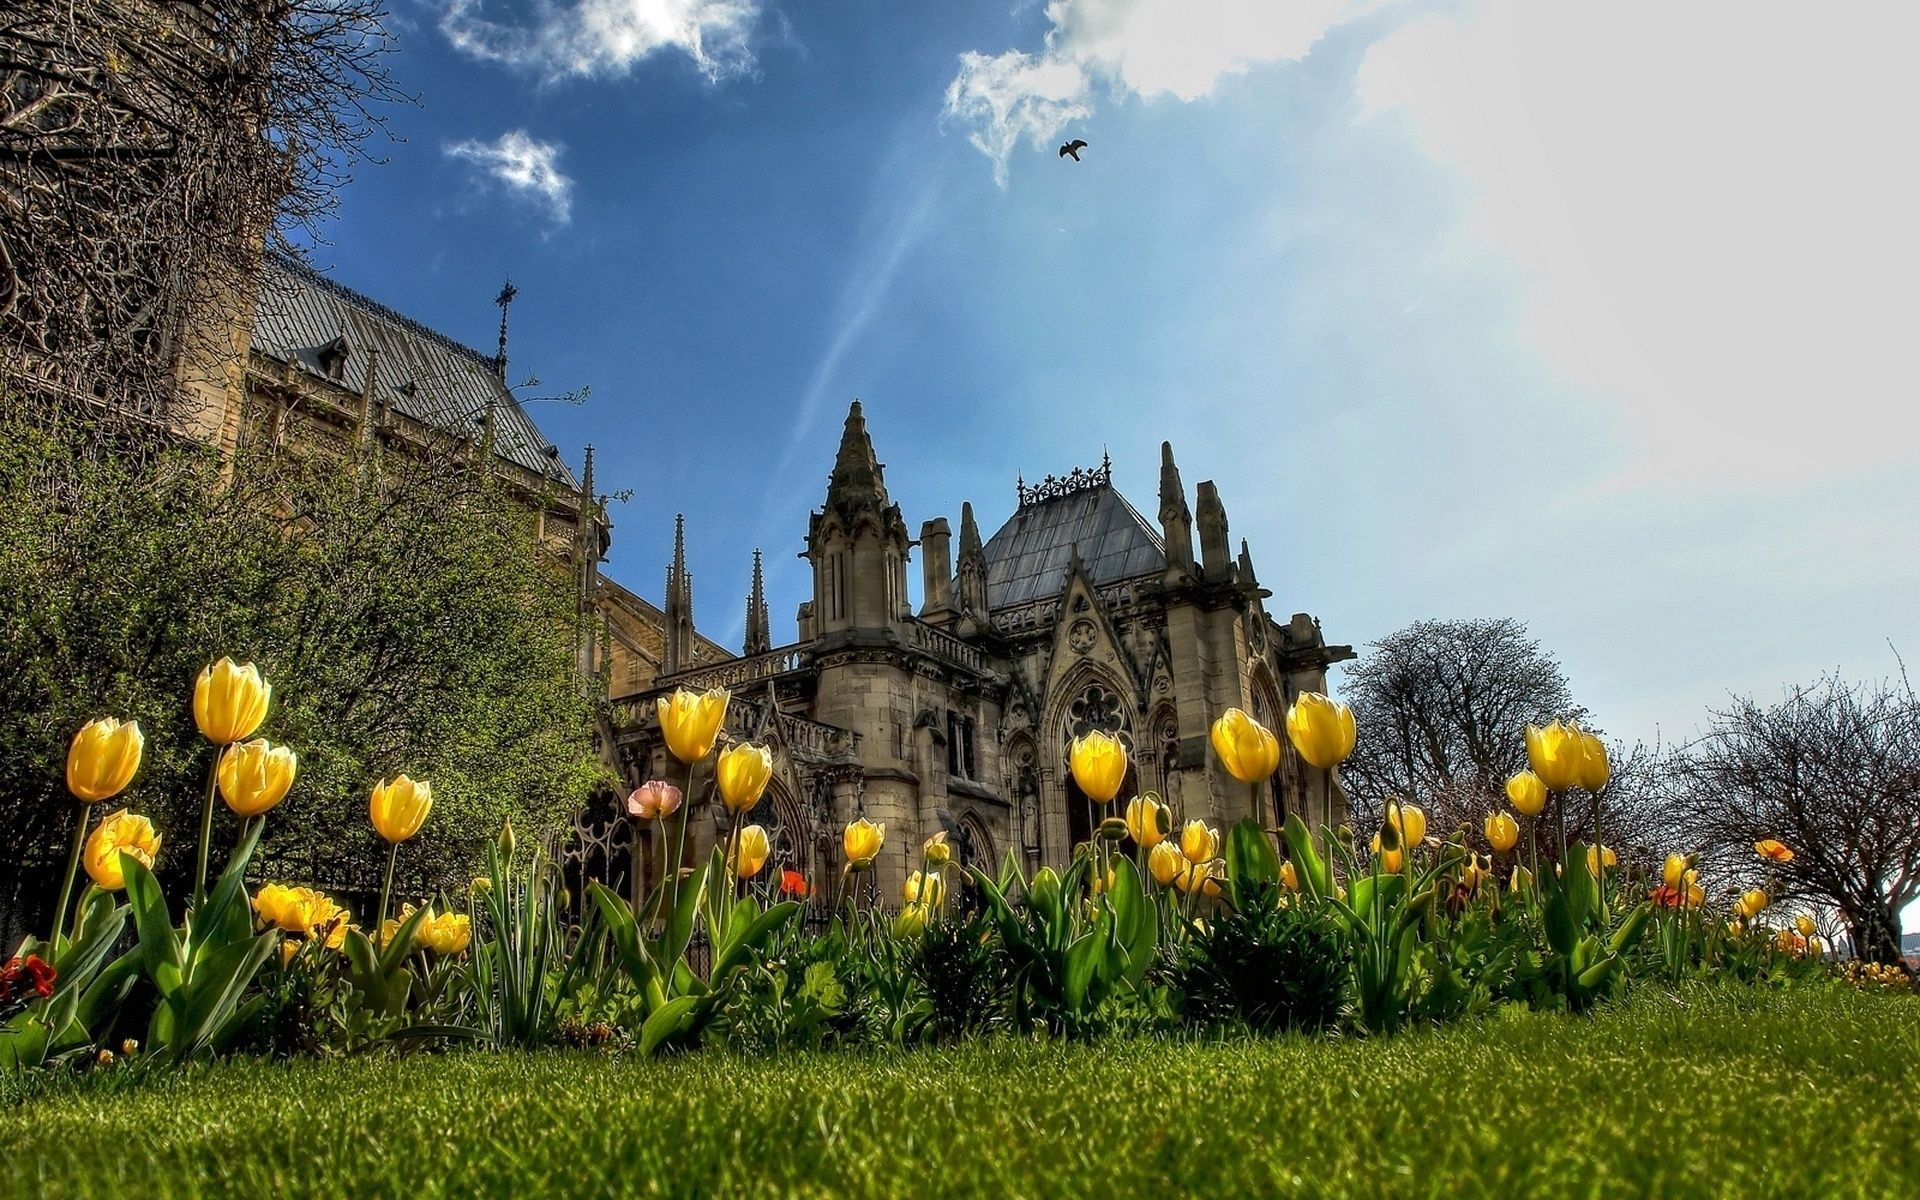 архитектура страны цветы тюльпаны желтые пейзаж  № 2568572 бесплатно